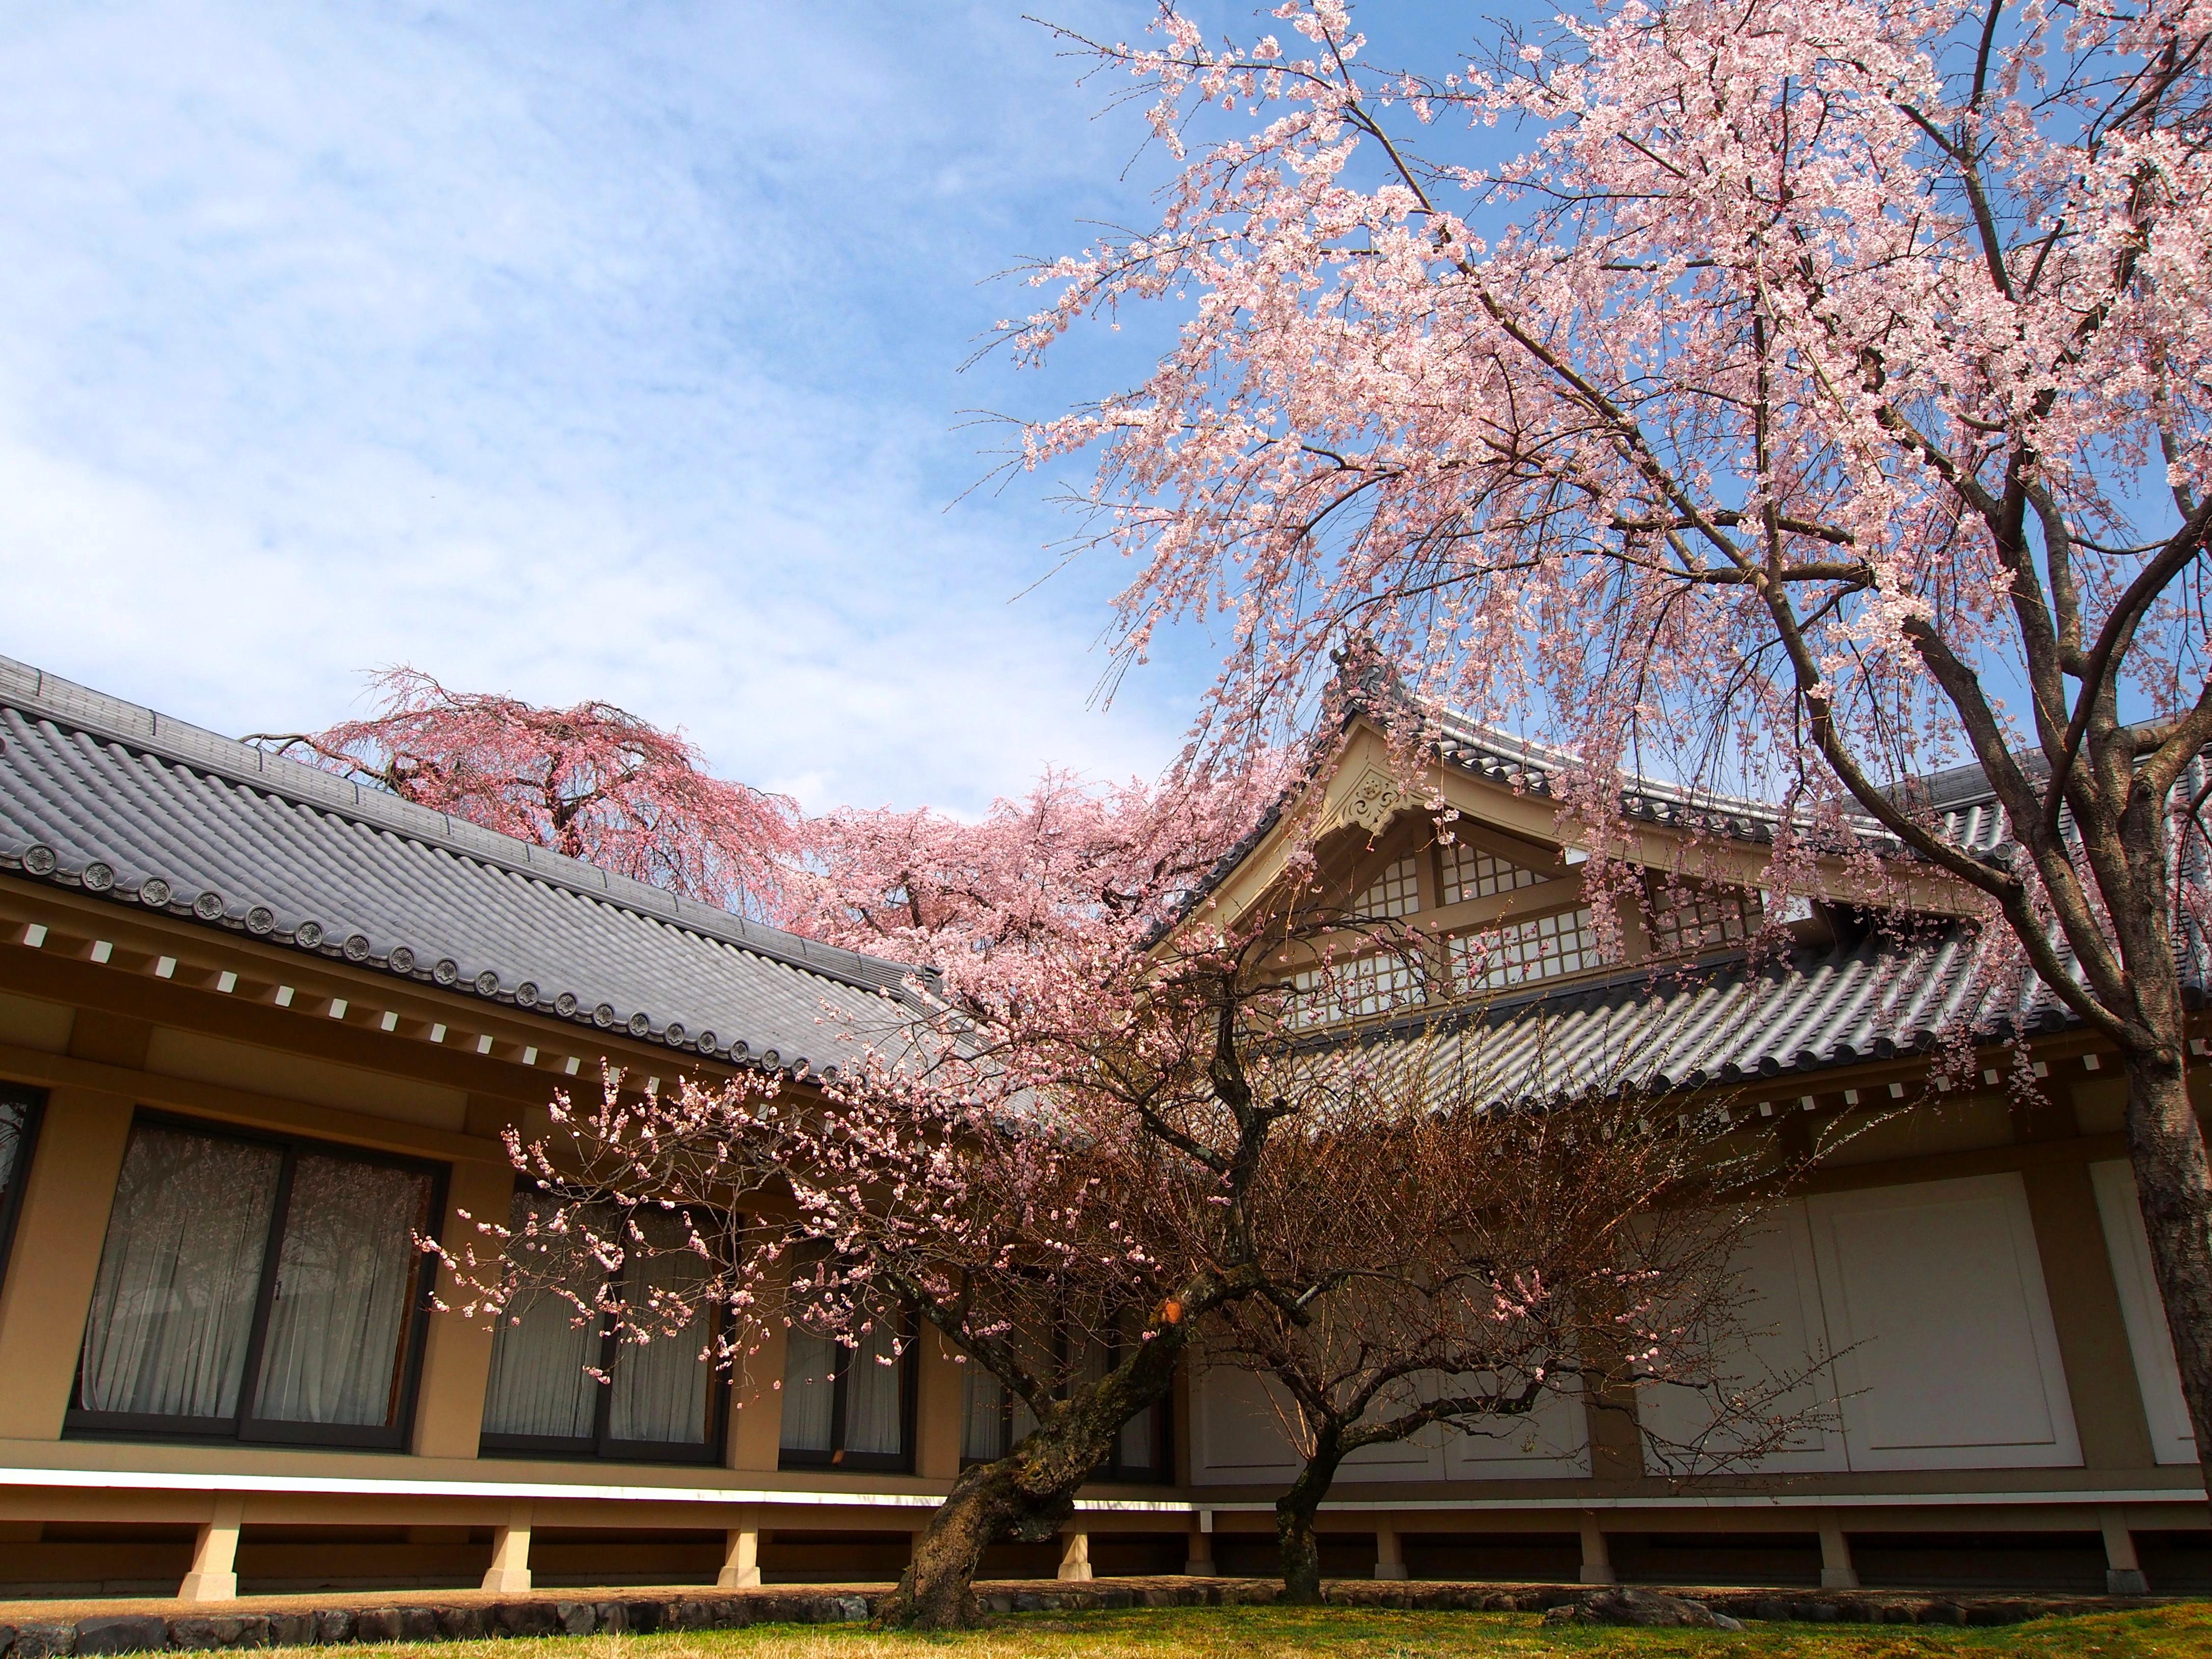 8 Tempat Wisata Jepang Saat Musim Semi Yang Wajib Dikunjungi